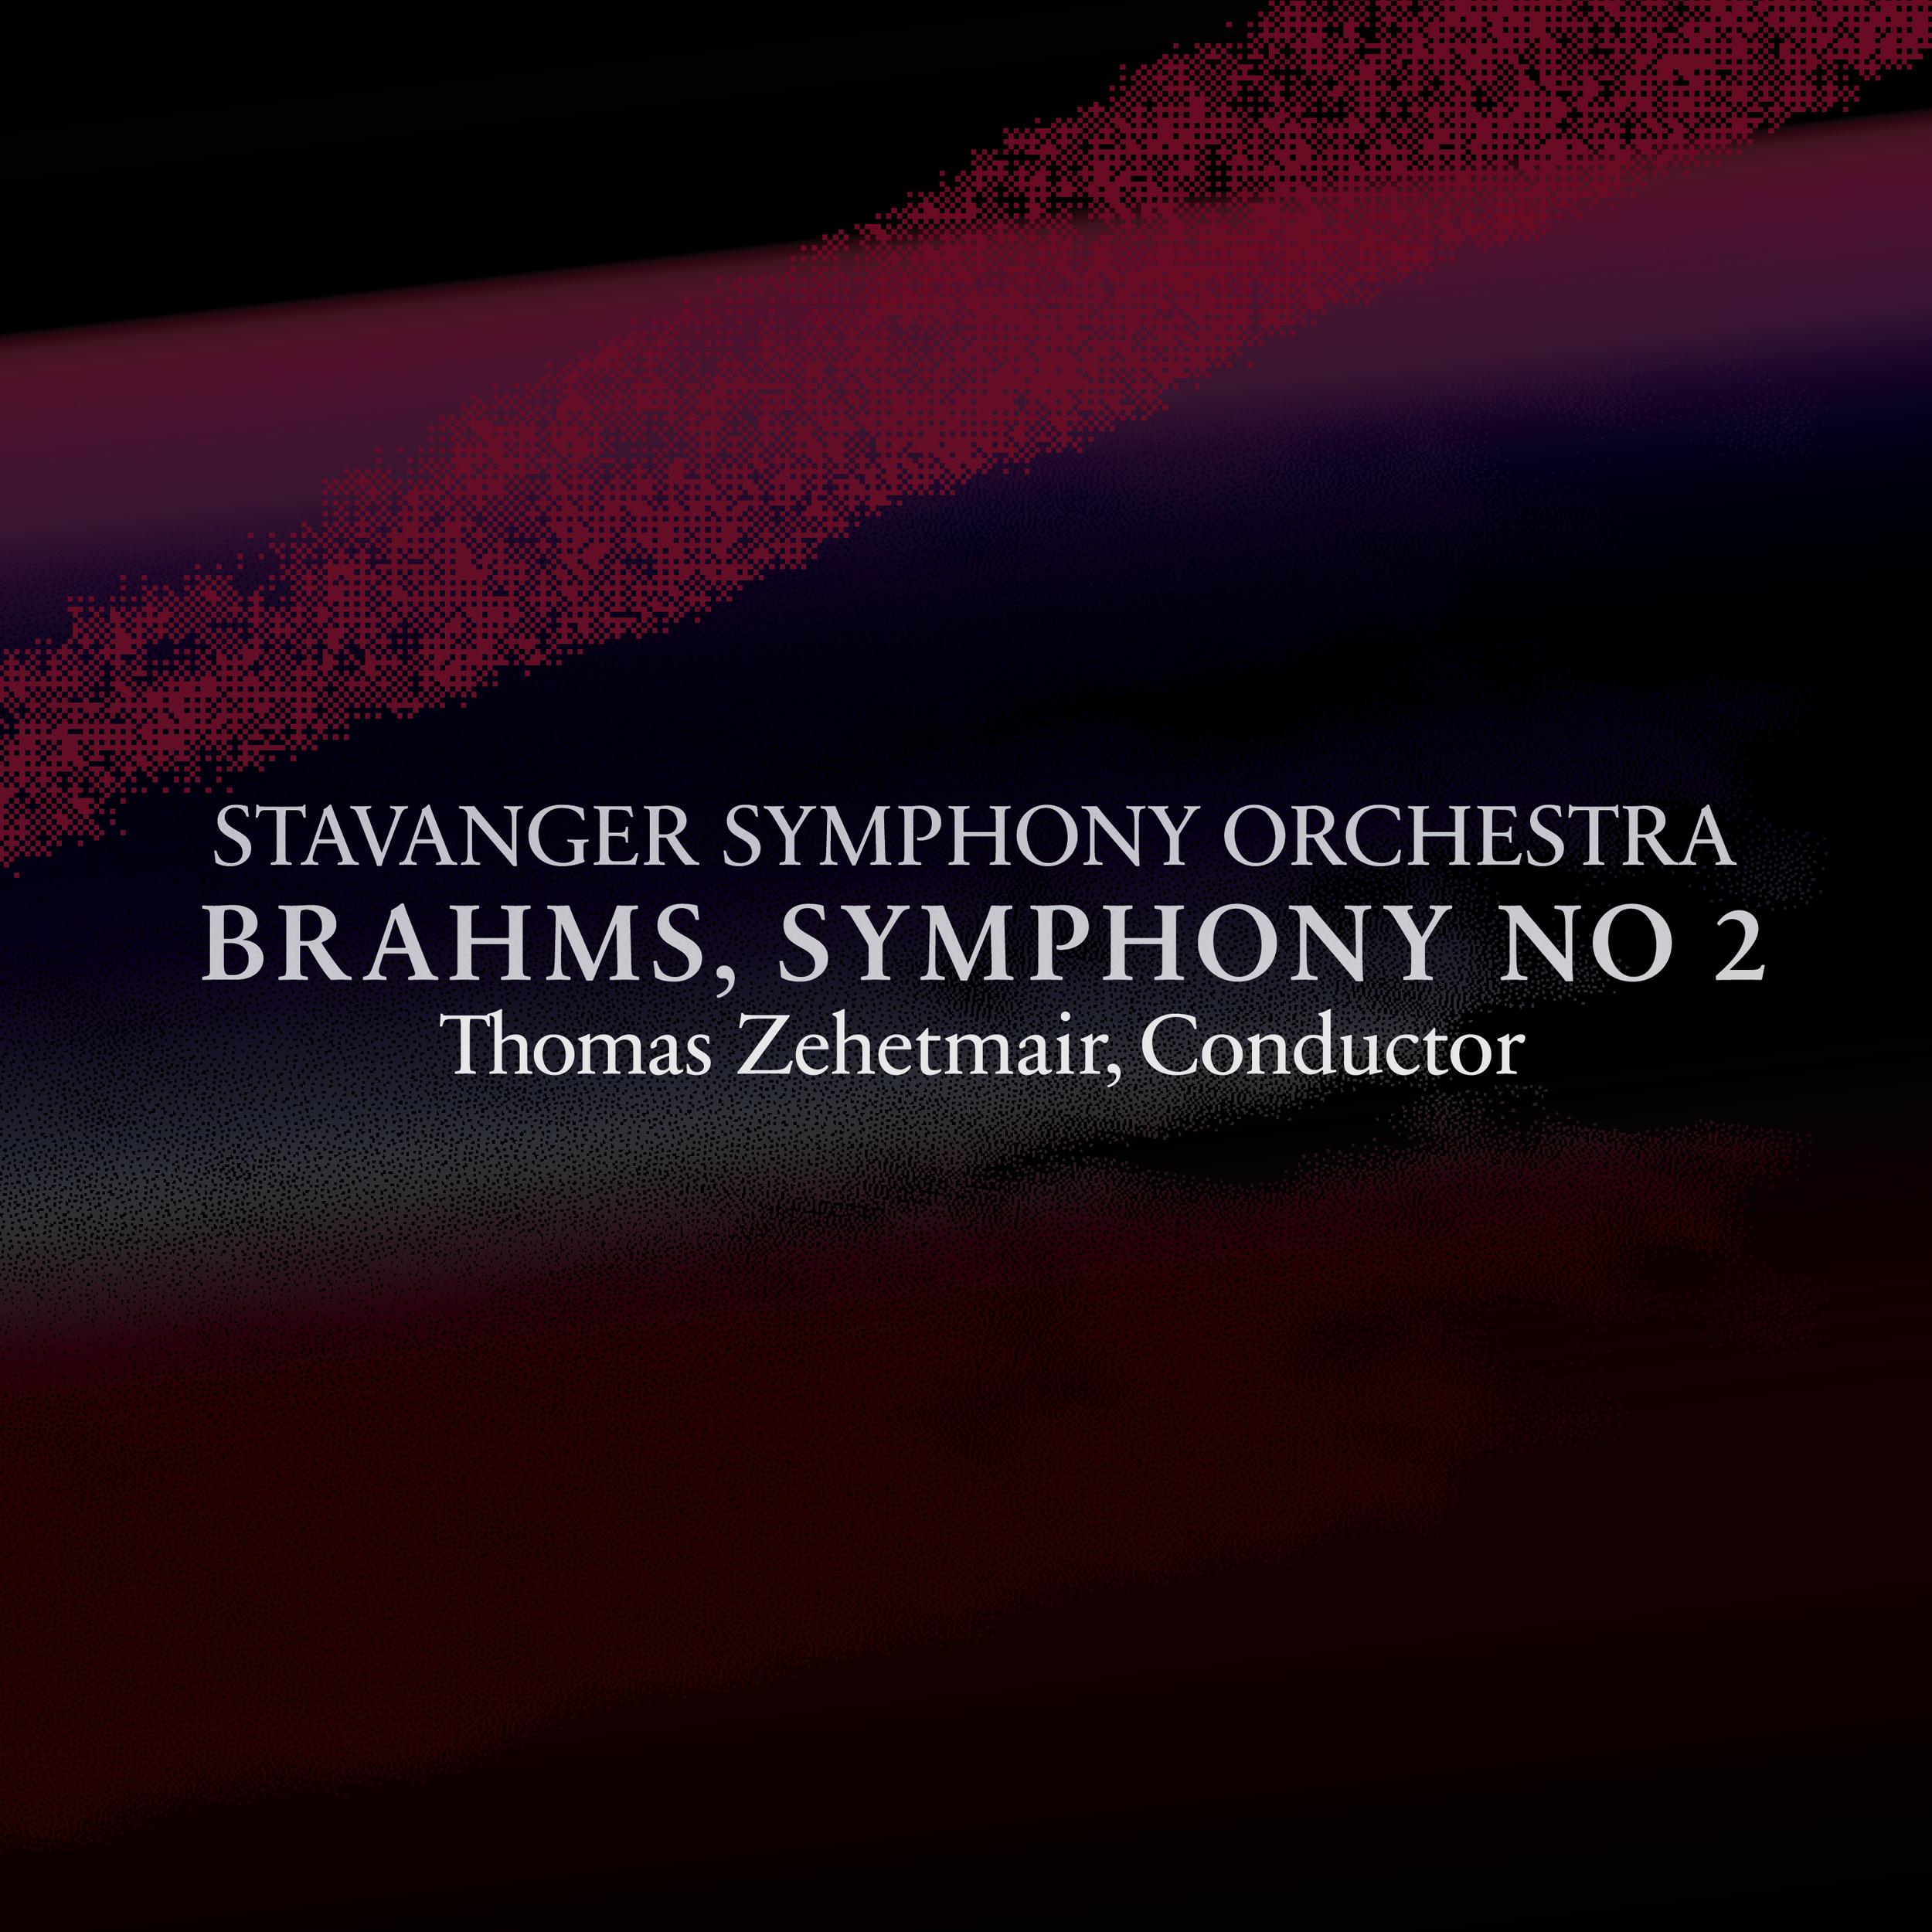 SSO Brahms